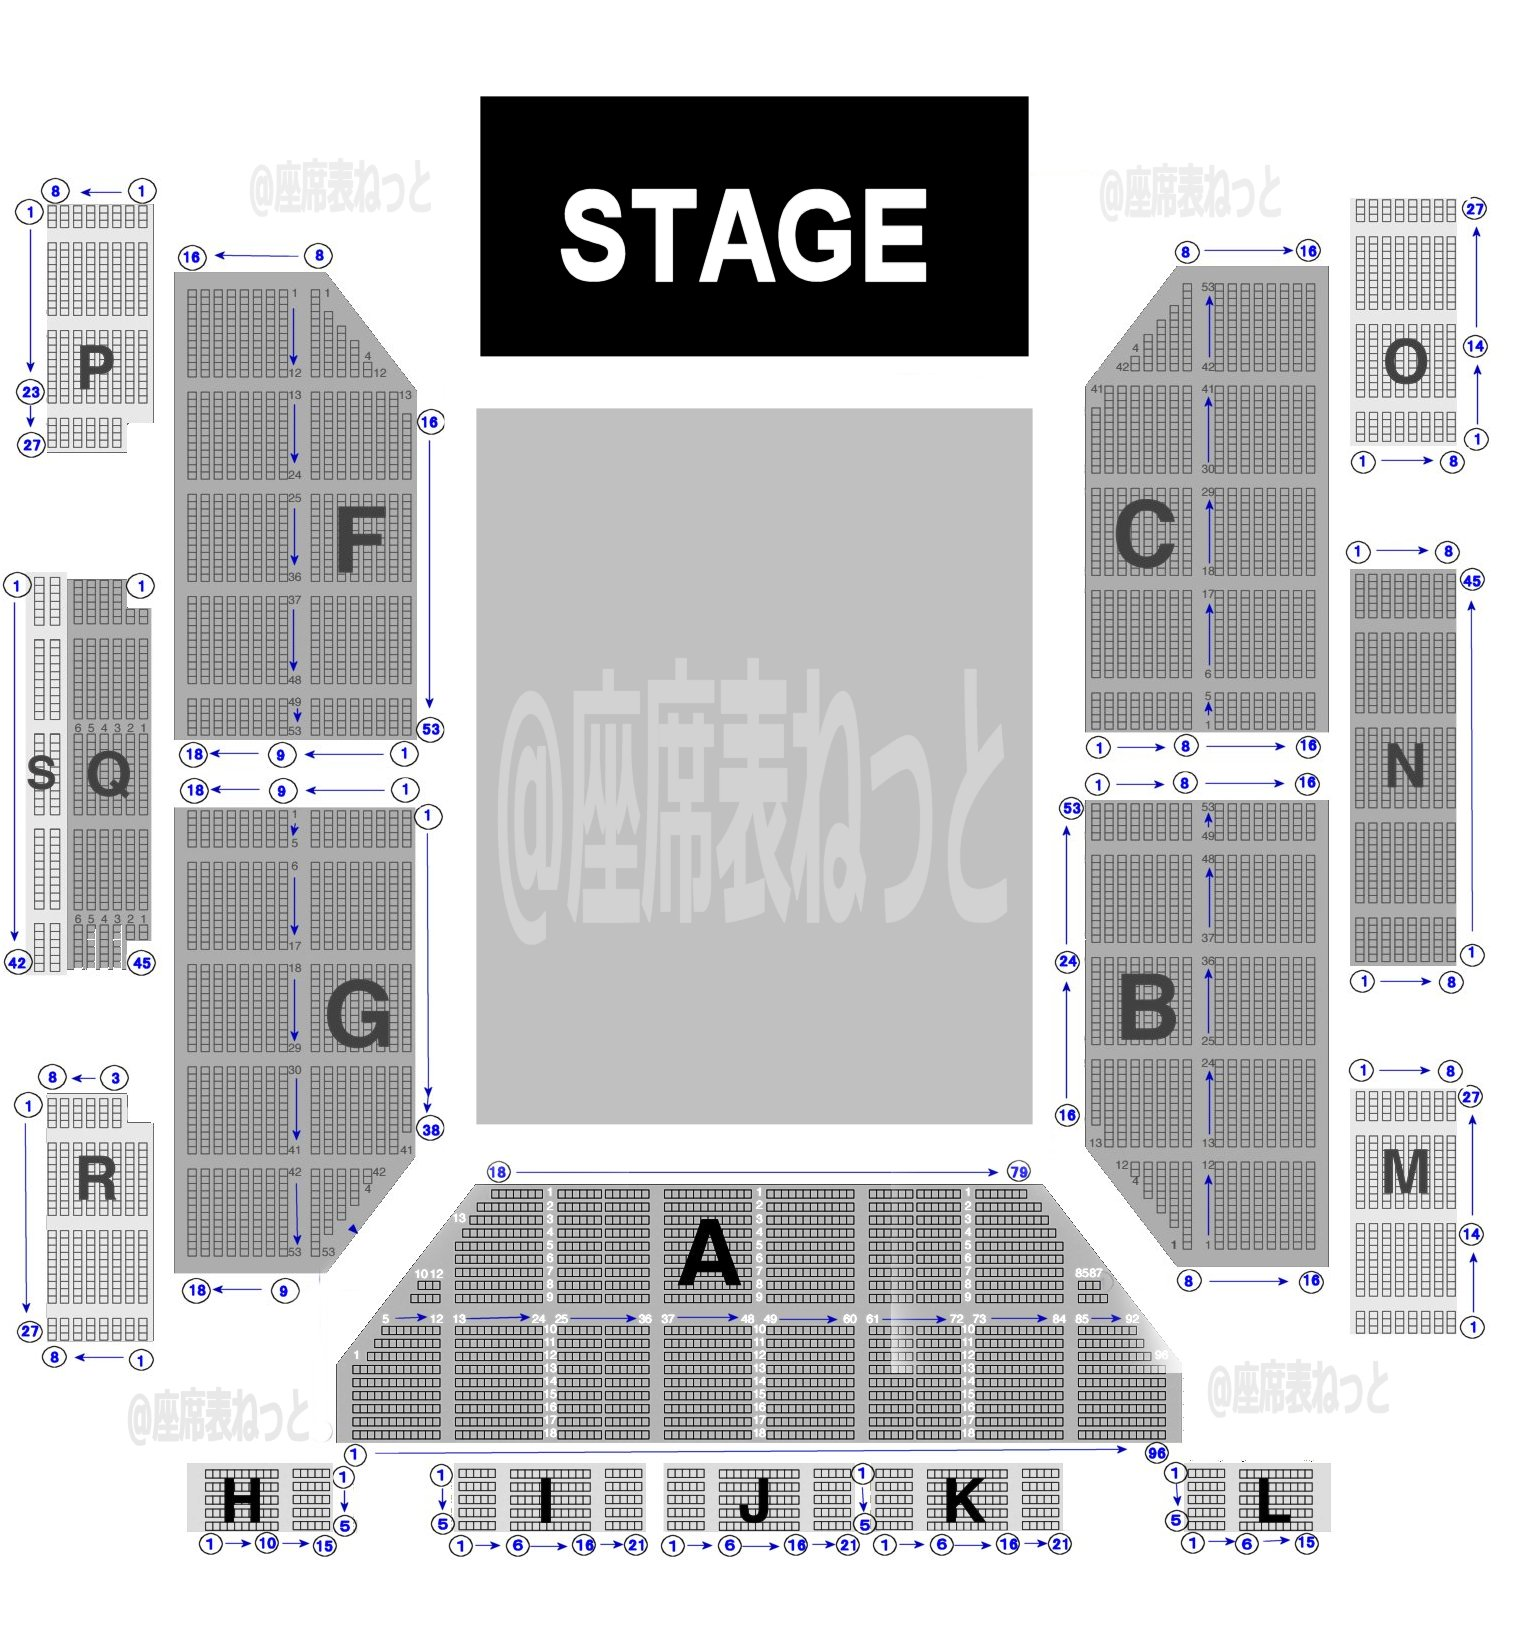 マリンメッセ福岡 会場全体詳細座席表